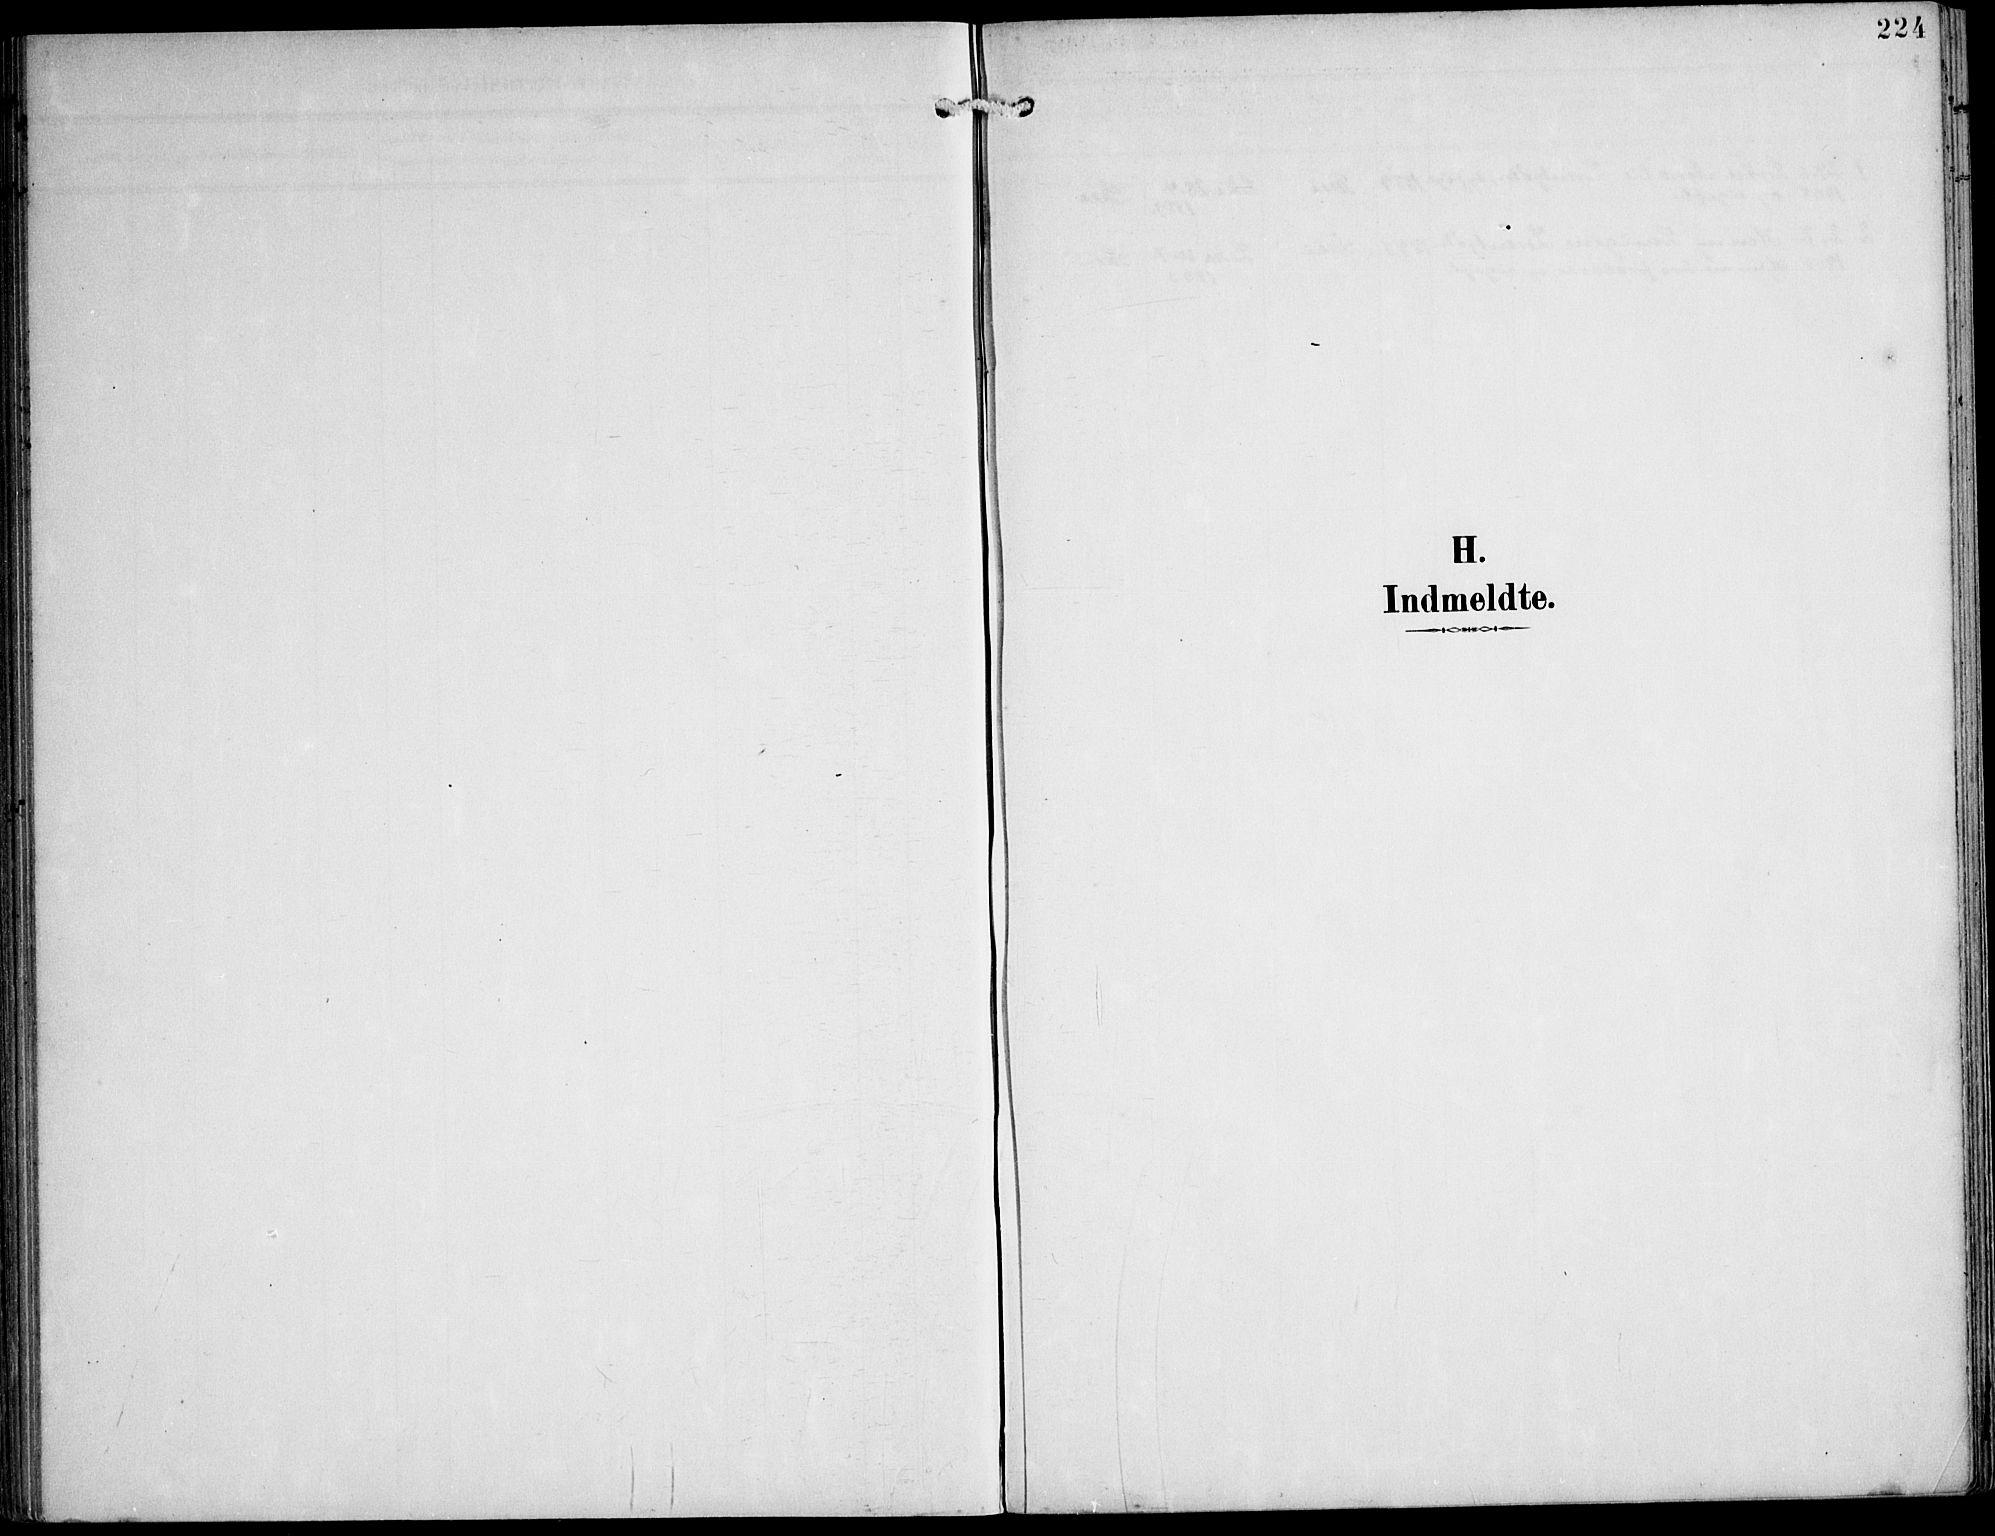 SAT, Ministerialprotokoller, klokkerbøker og fødselsregistre - Nord-Trøndelag, 788/L0698: Ministerialbok nr. 788A05, 1902-1921, s. 224